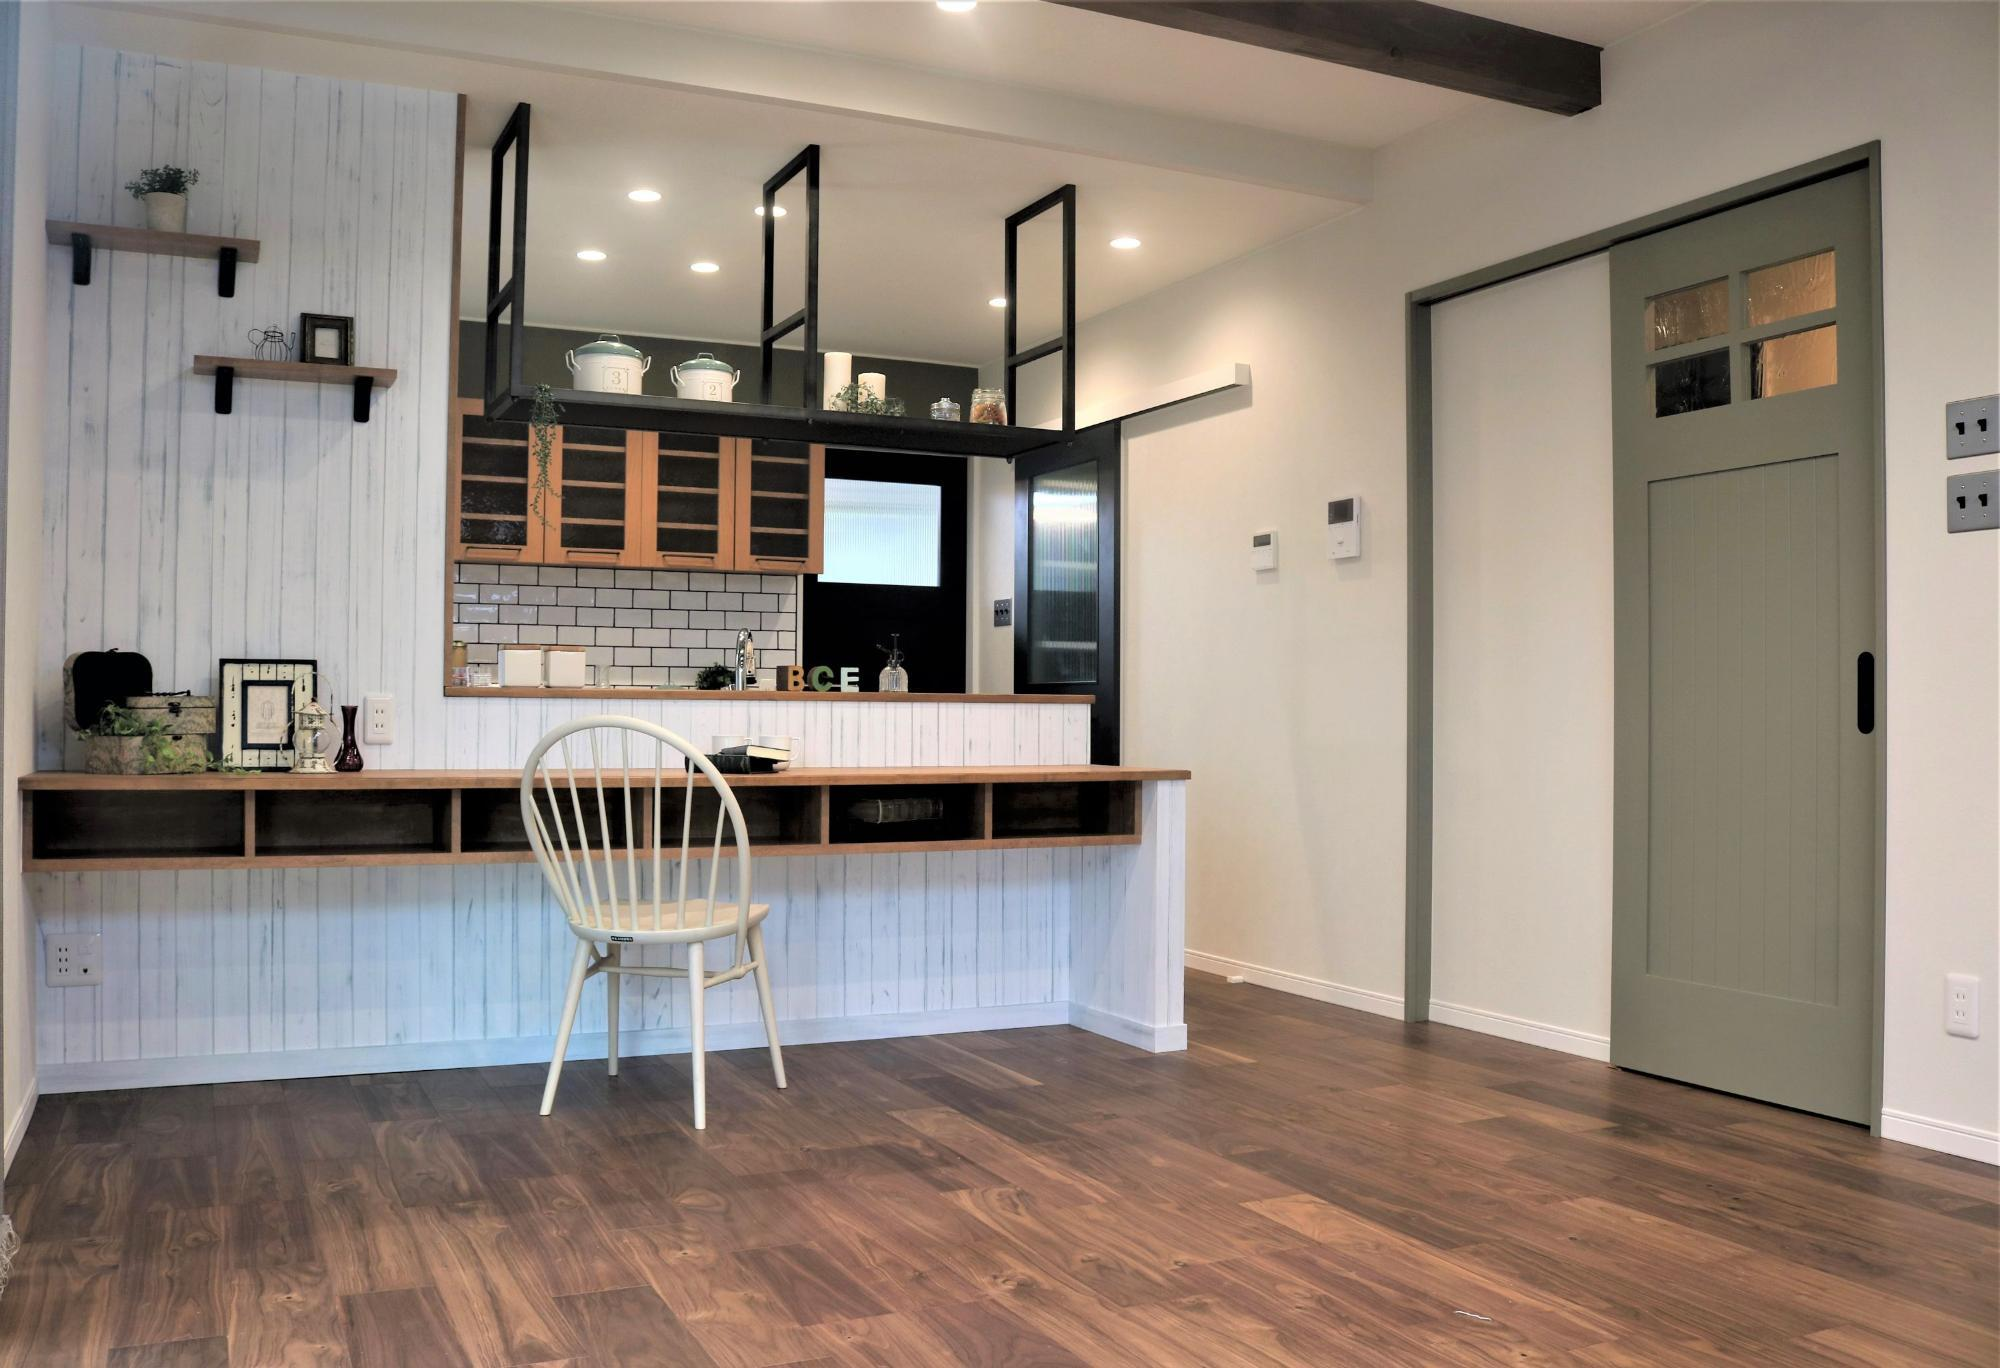 白のウッド調クロスと、アイアン棚でアメリカンヴィンテージスタイル(株式会社アンドクリエイト)